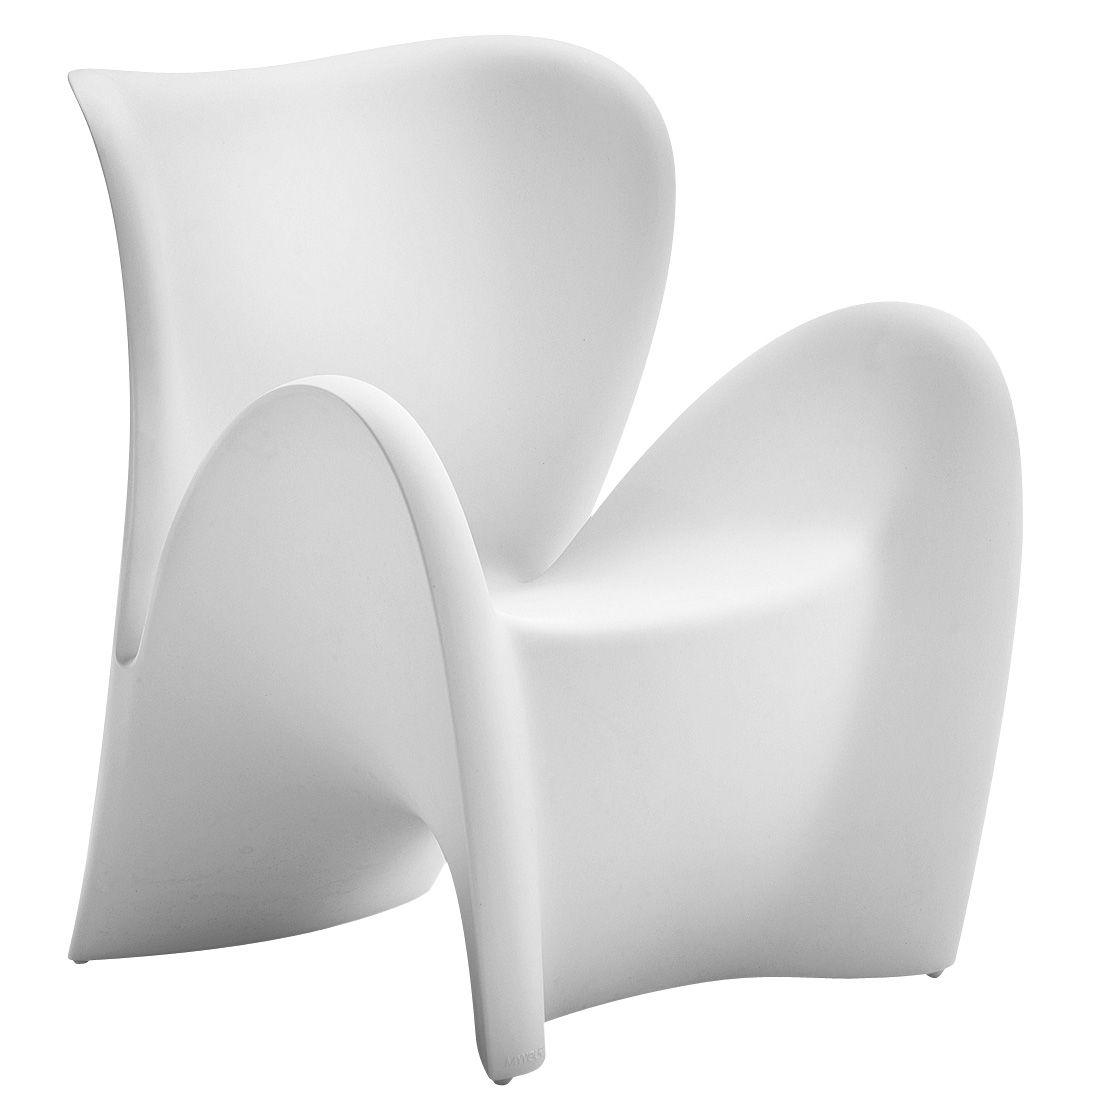 fauteuil lily plastique blanc mat myyour. Black Bedroom Furniture Sets. Home Design Ideas